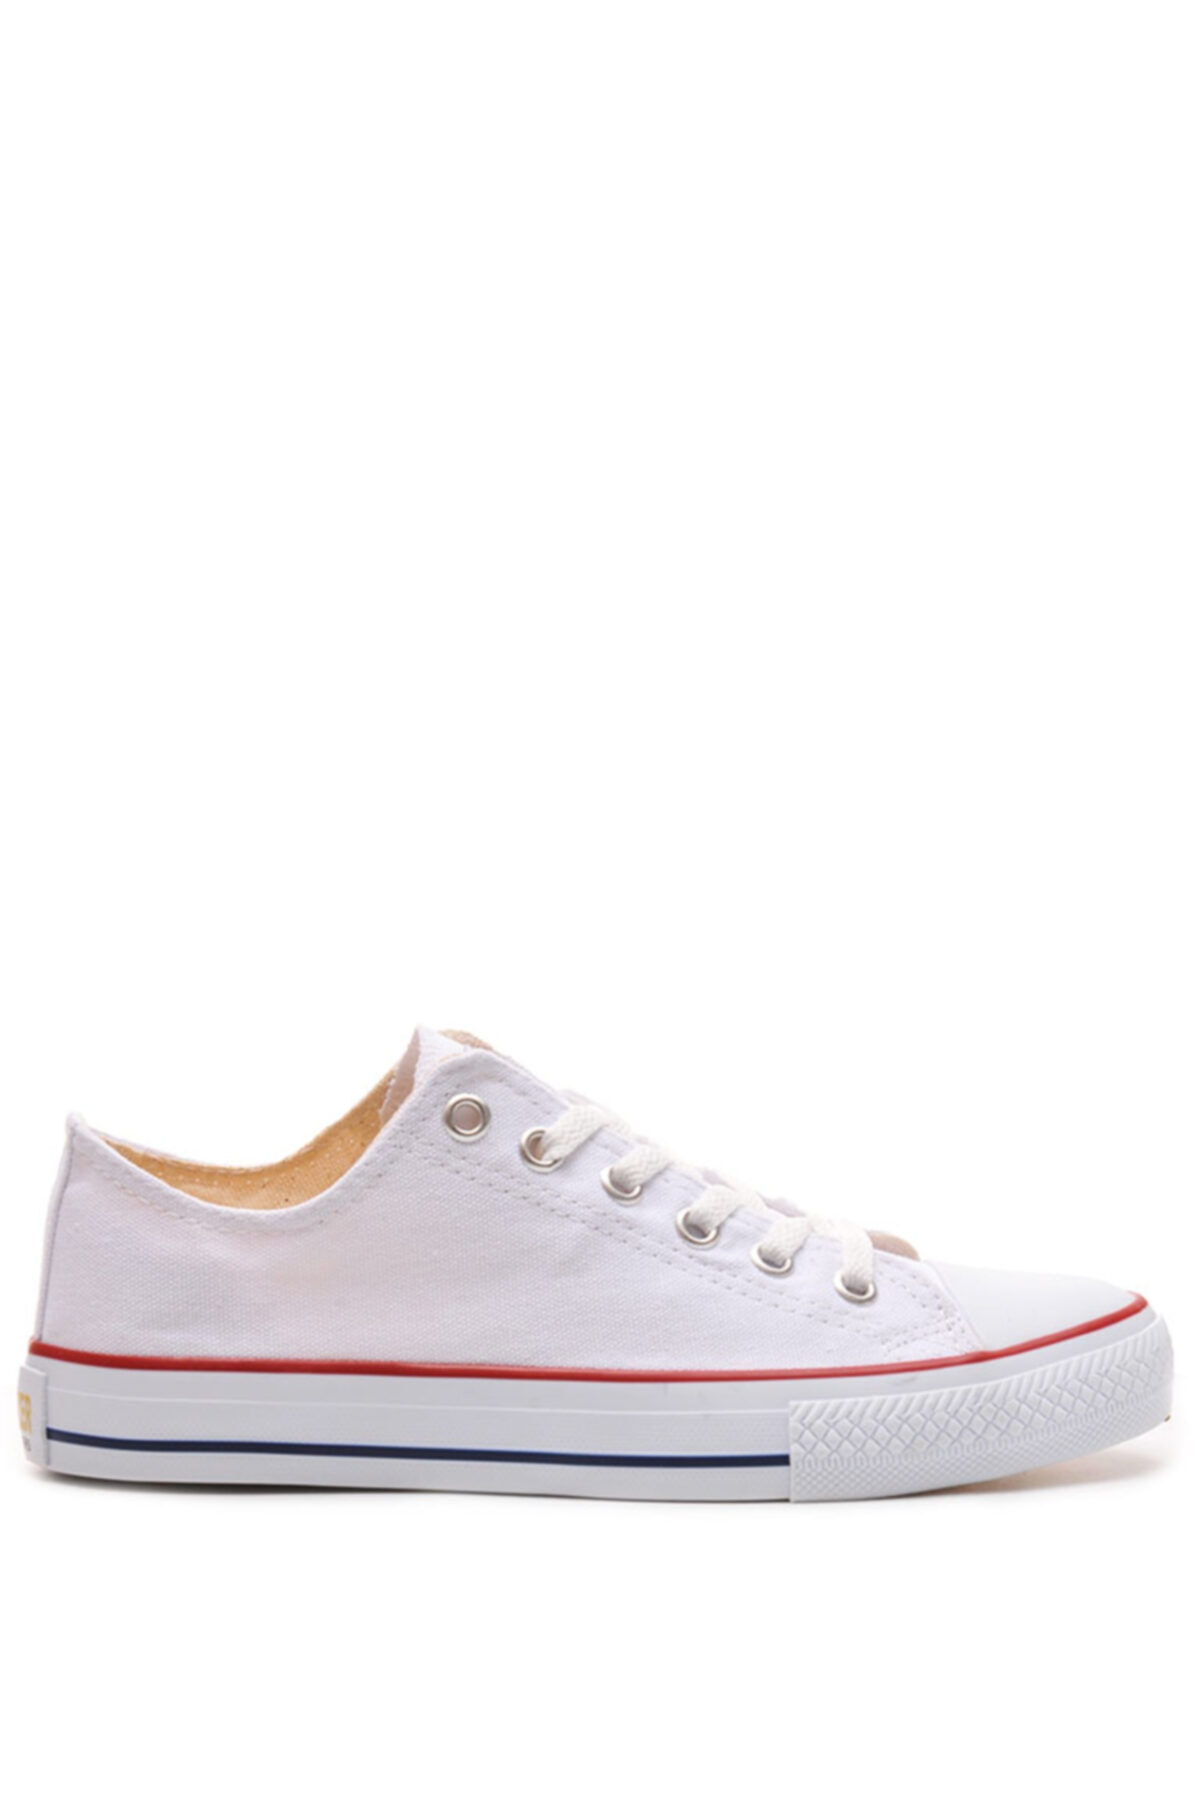 Bulldozer 201436 Beyaz Erkek Keten Ayakkabı 1